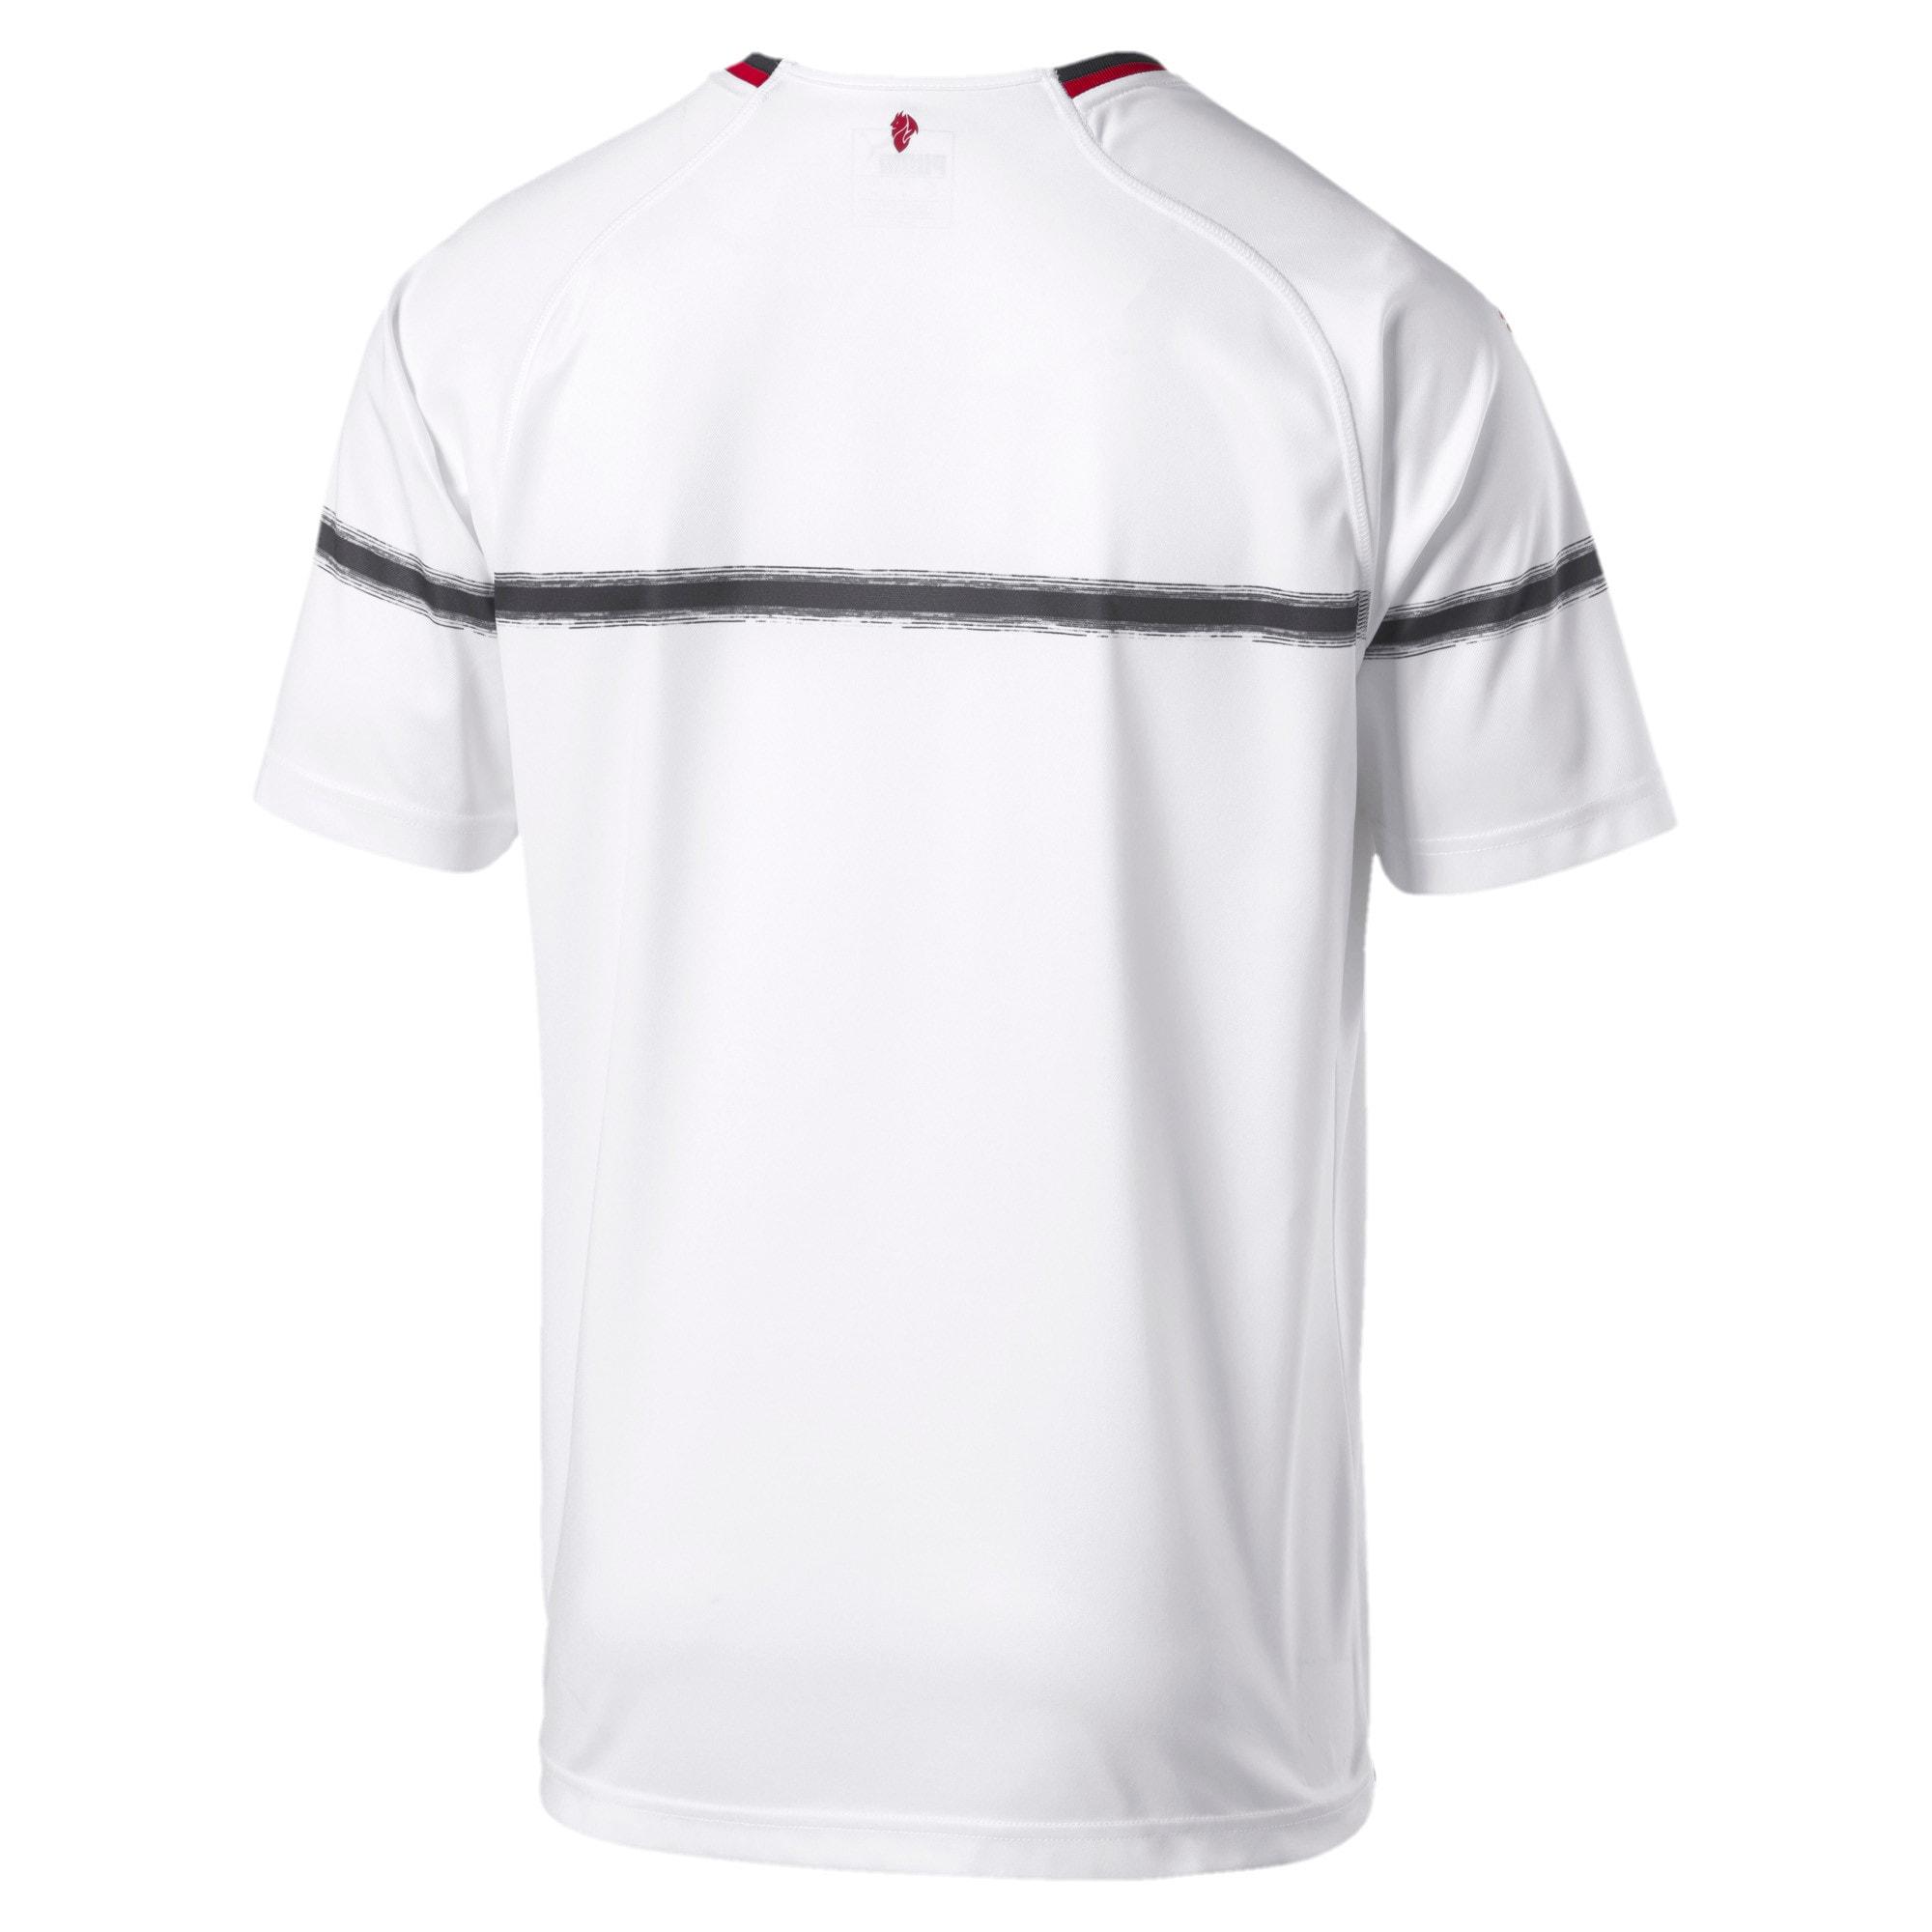 Thumbnail 3 of AC Milan Men's Away Replica Jersey, Puma White-Tango Red, medium